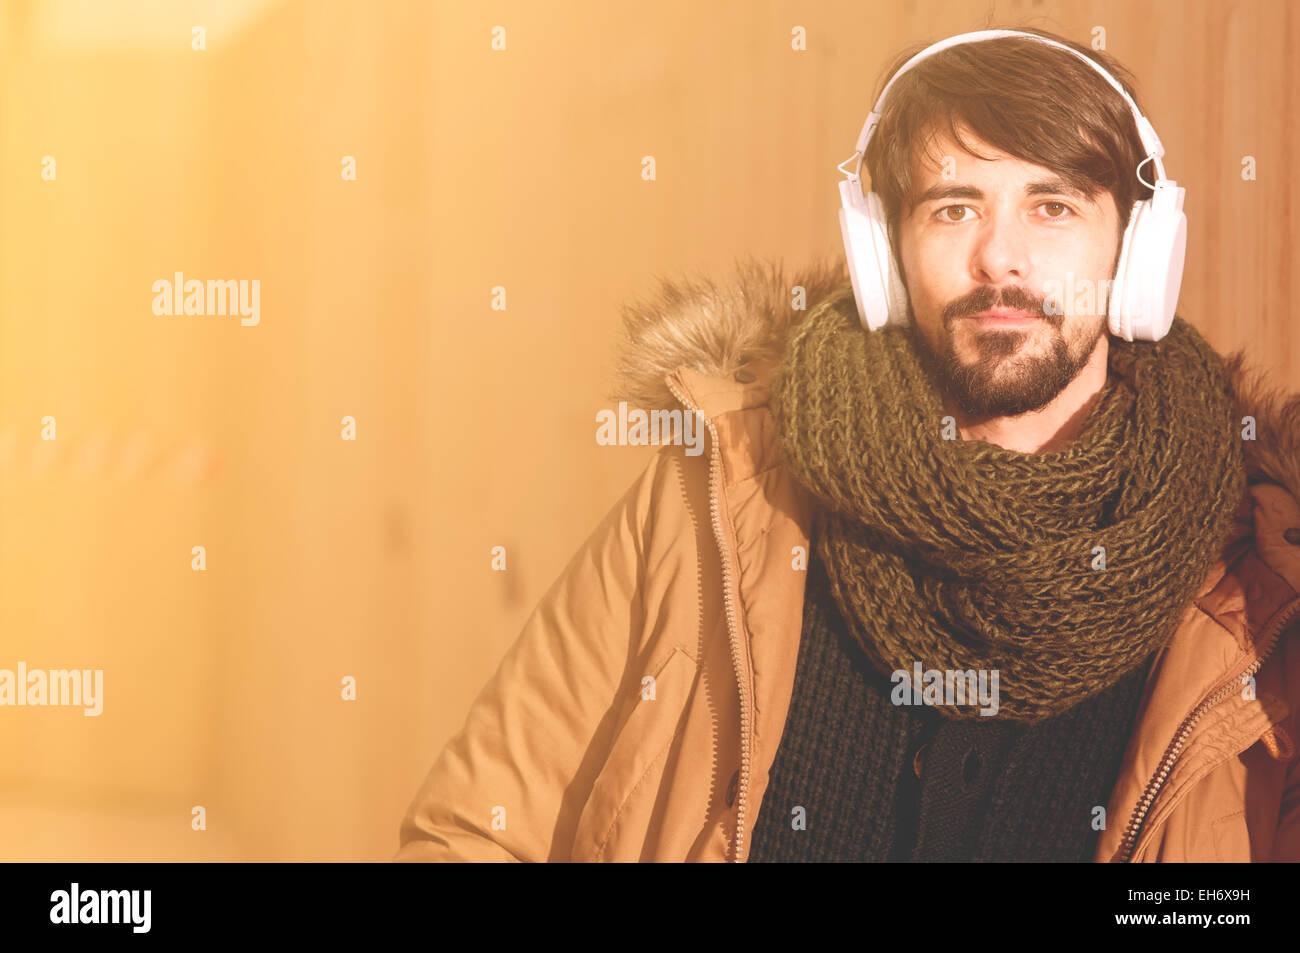 Un jeune homme écoute de la musique dans une image urbaine de la vie moderne aux tons style instagram Photo Stock